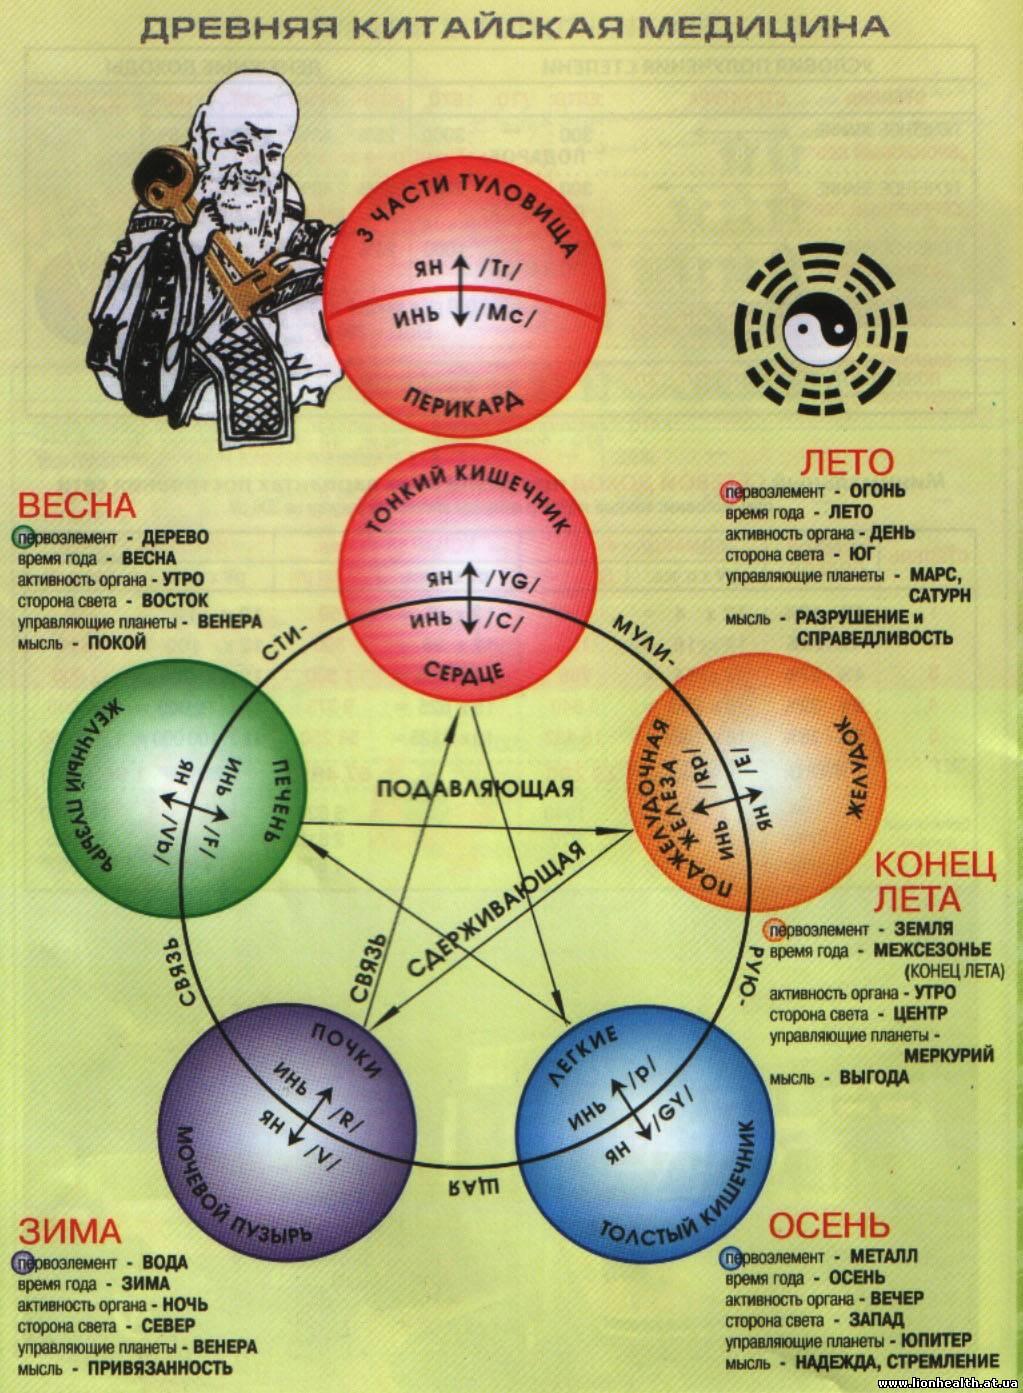 древняя китайская медицина, круг у-син